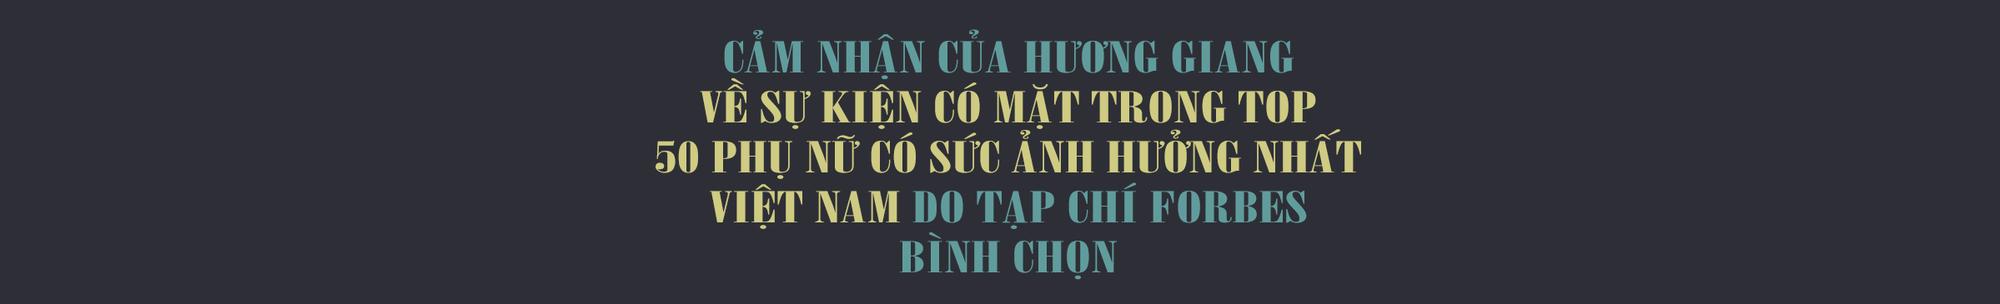 Hoa hậu Hương Giang: 'Tôi tha thiết mong cộng đồng LGBT cùng lên tiếng thúc đẩy quyền của người chuyển giới' - Ảnh 7.